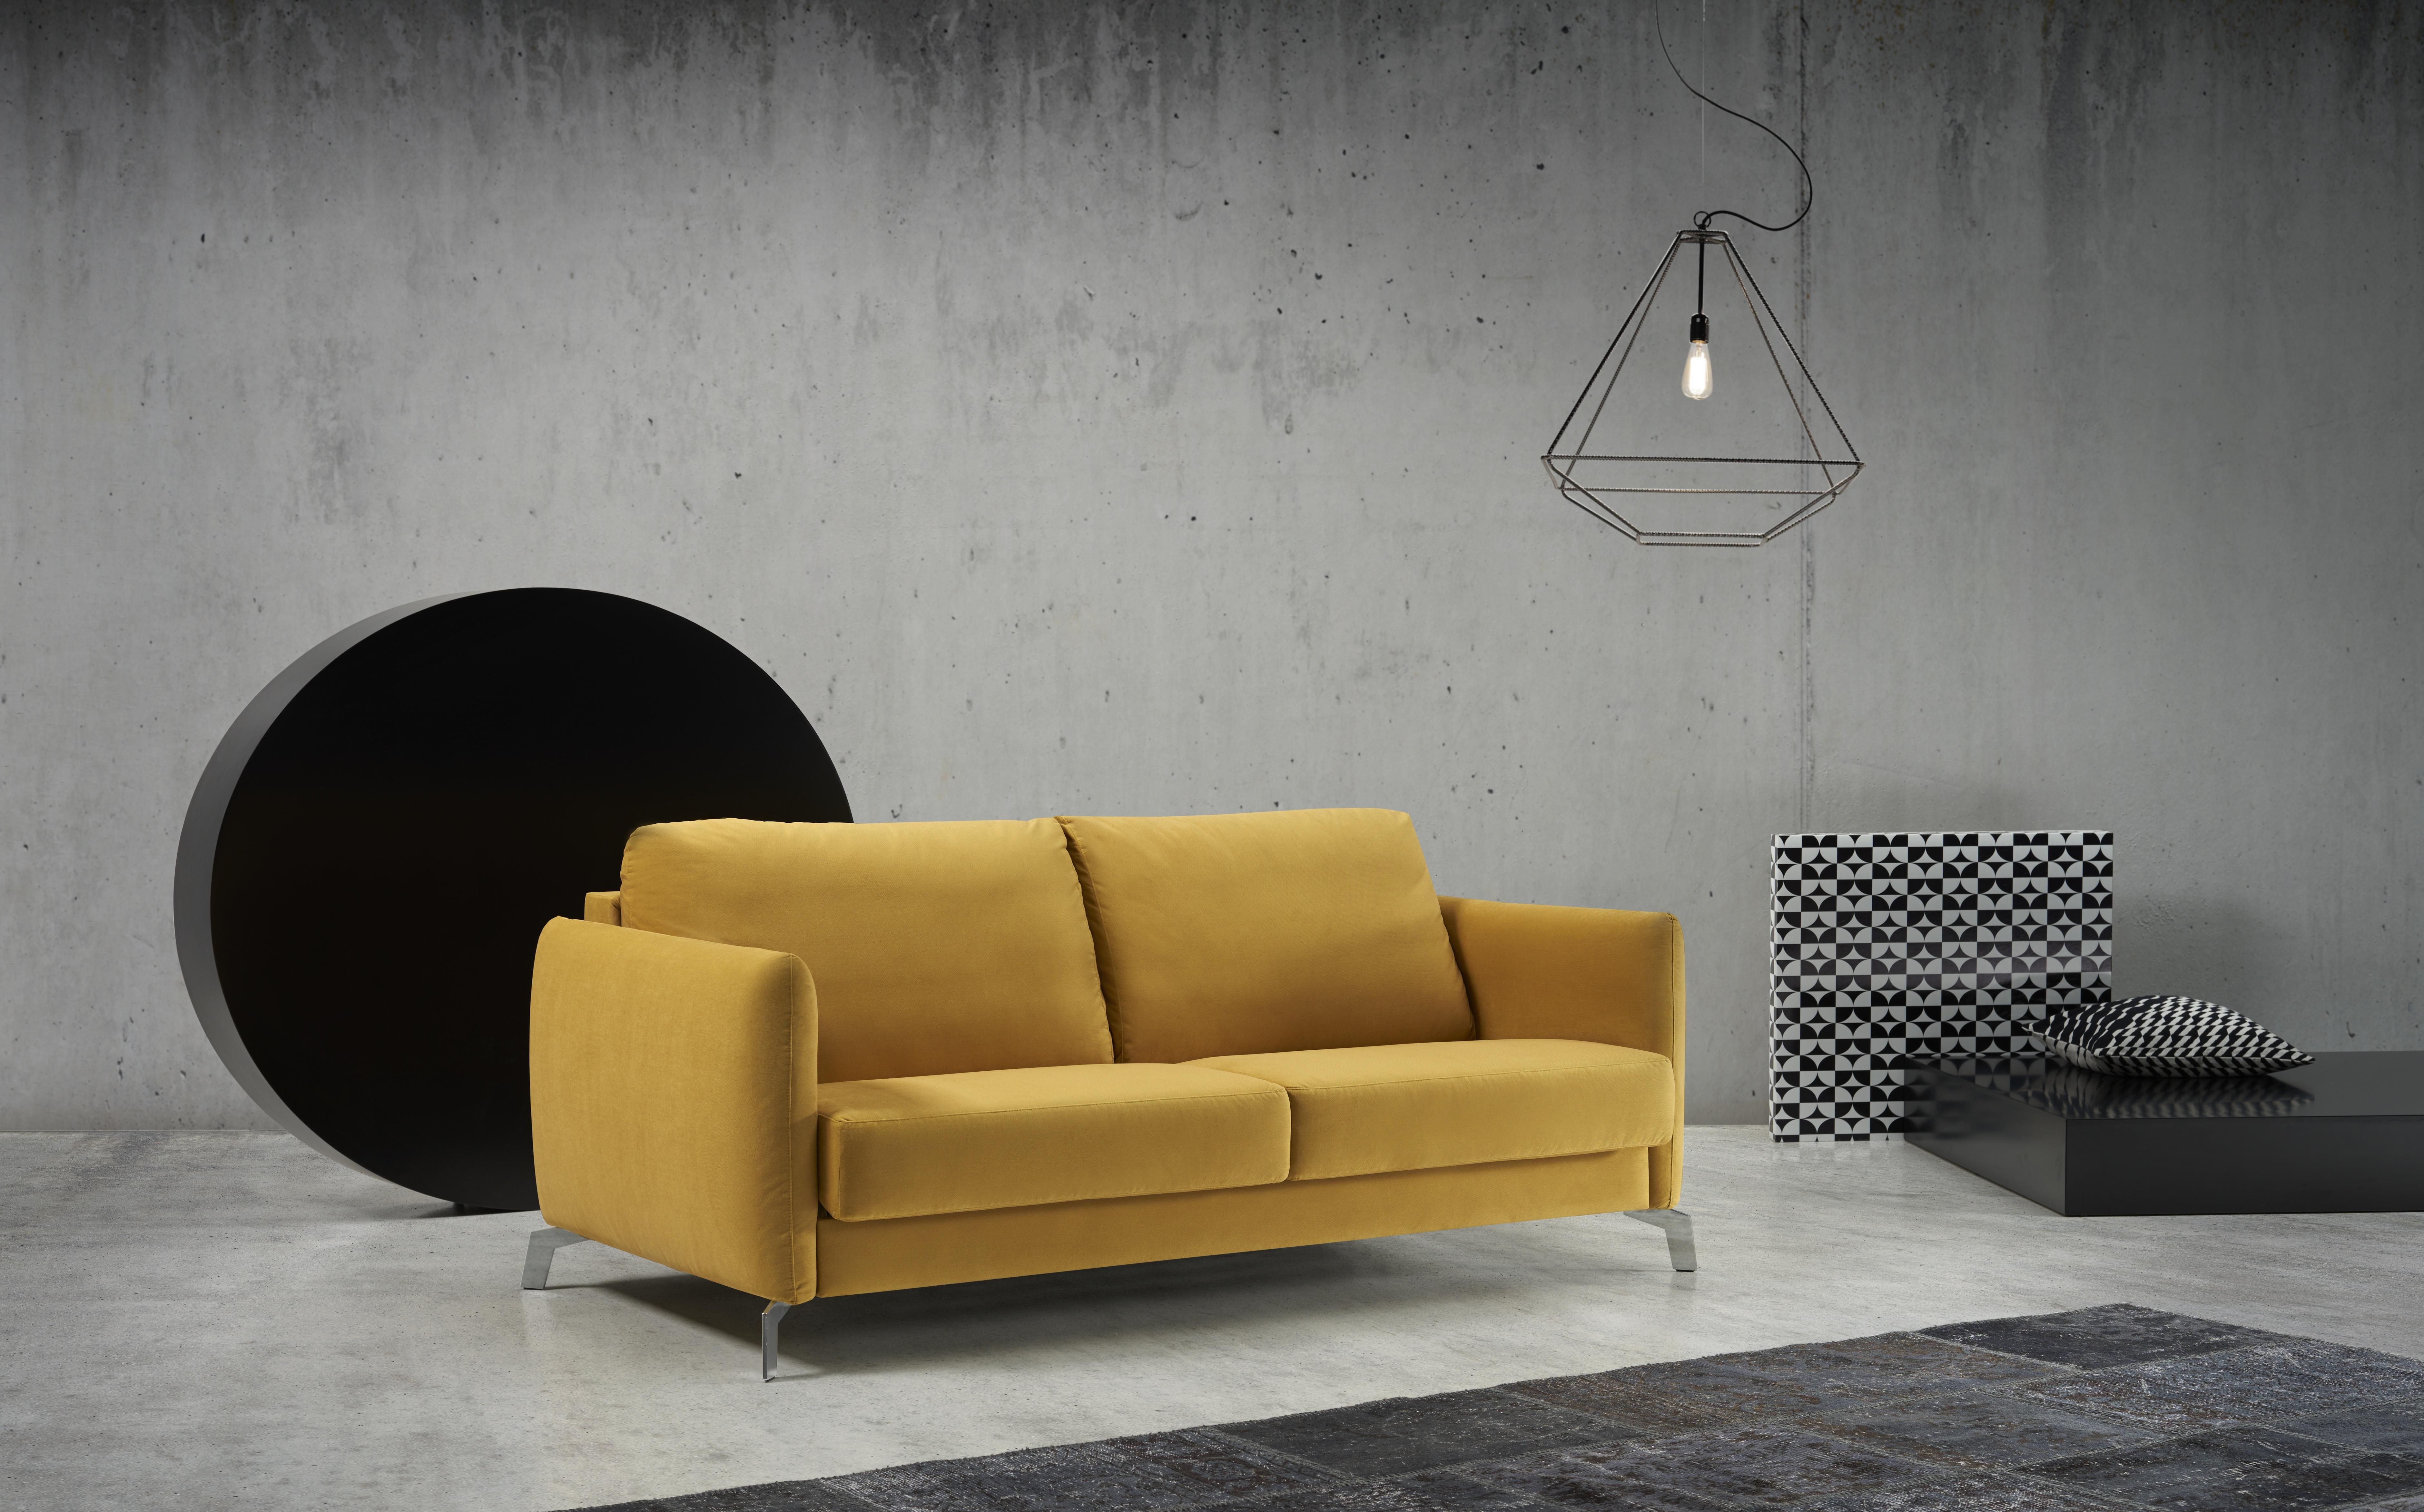 C mo elegir el sof ideal julio garc a muebles - Como elegir sofa ...